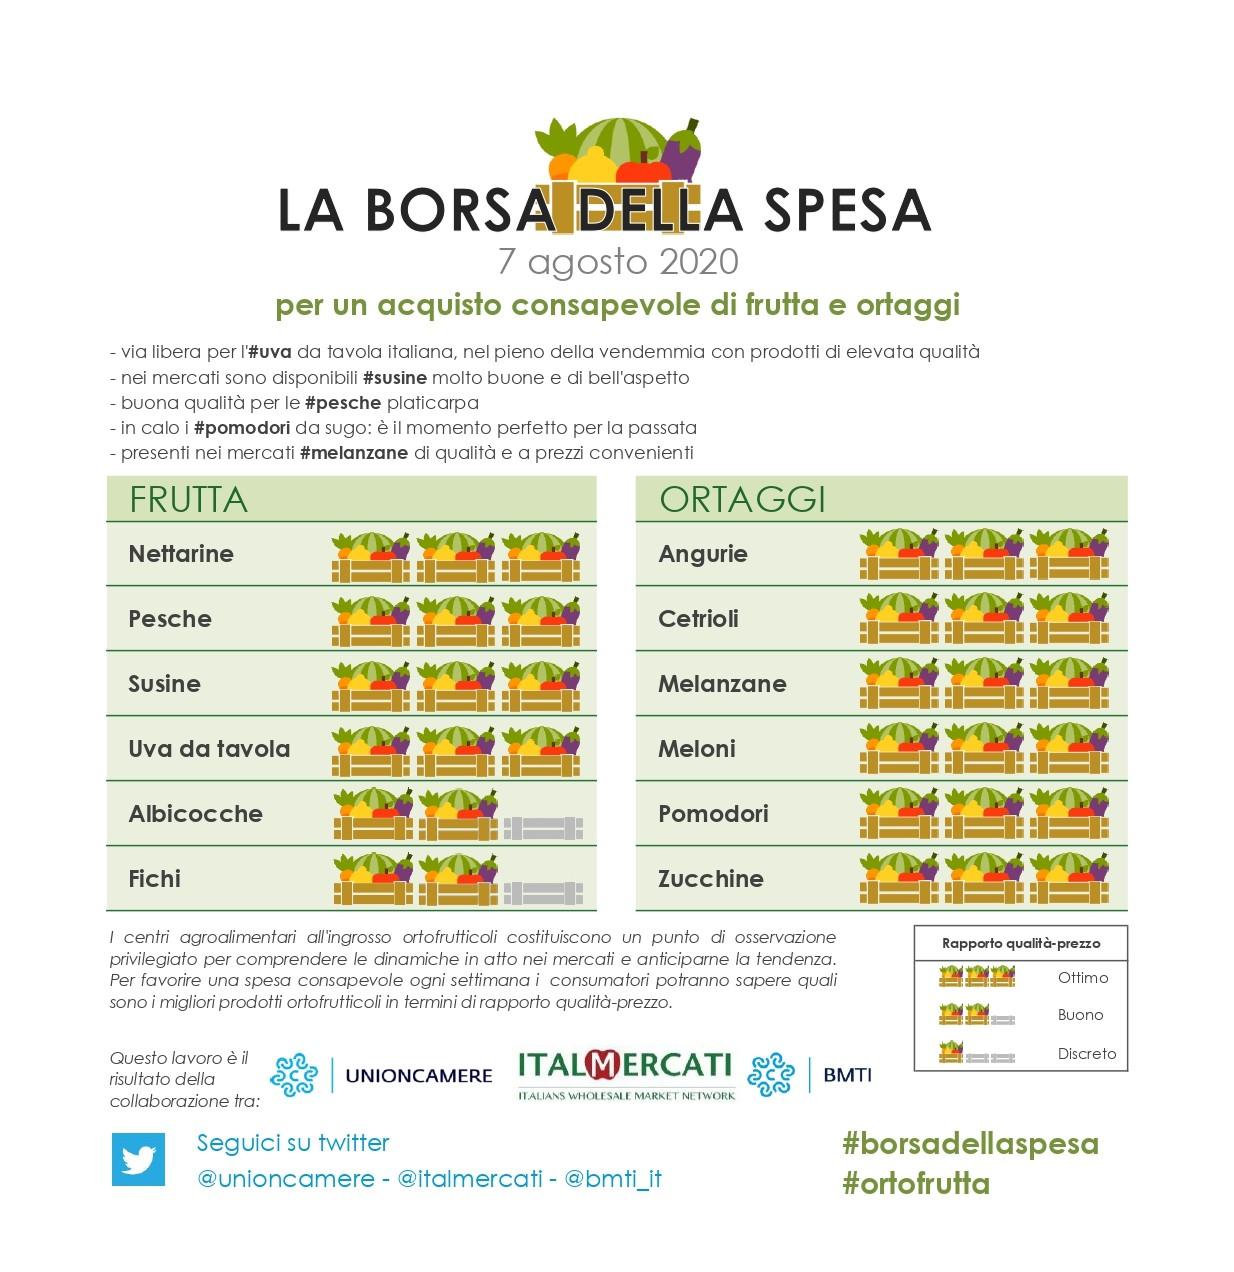 Nella #borsadellaspesa di #ortofrutta del 7 agosto: #angurie, #cetrioli, #melanzane, #meloni, #pomodori, #zucchine, #nettarine, #pesche, #susine e  #uvadatavola